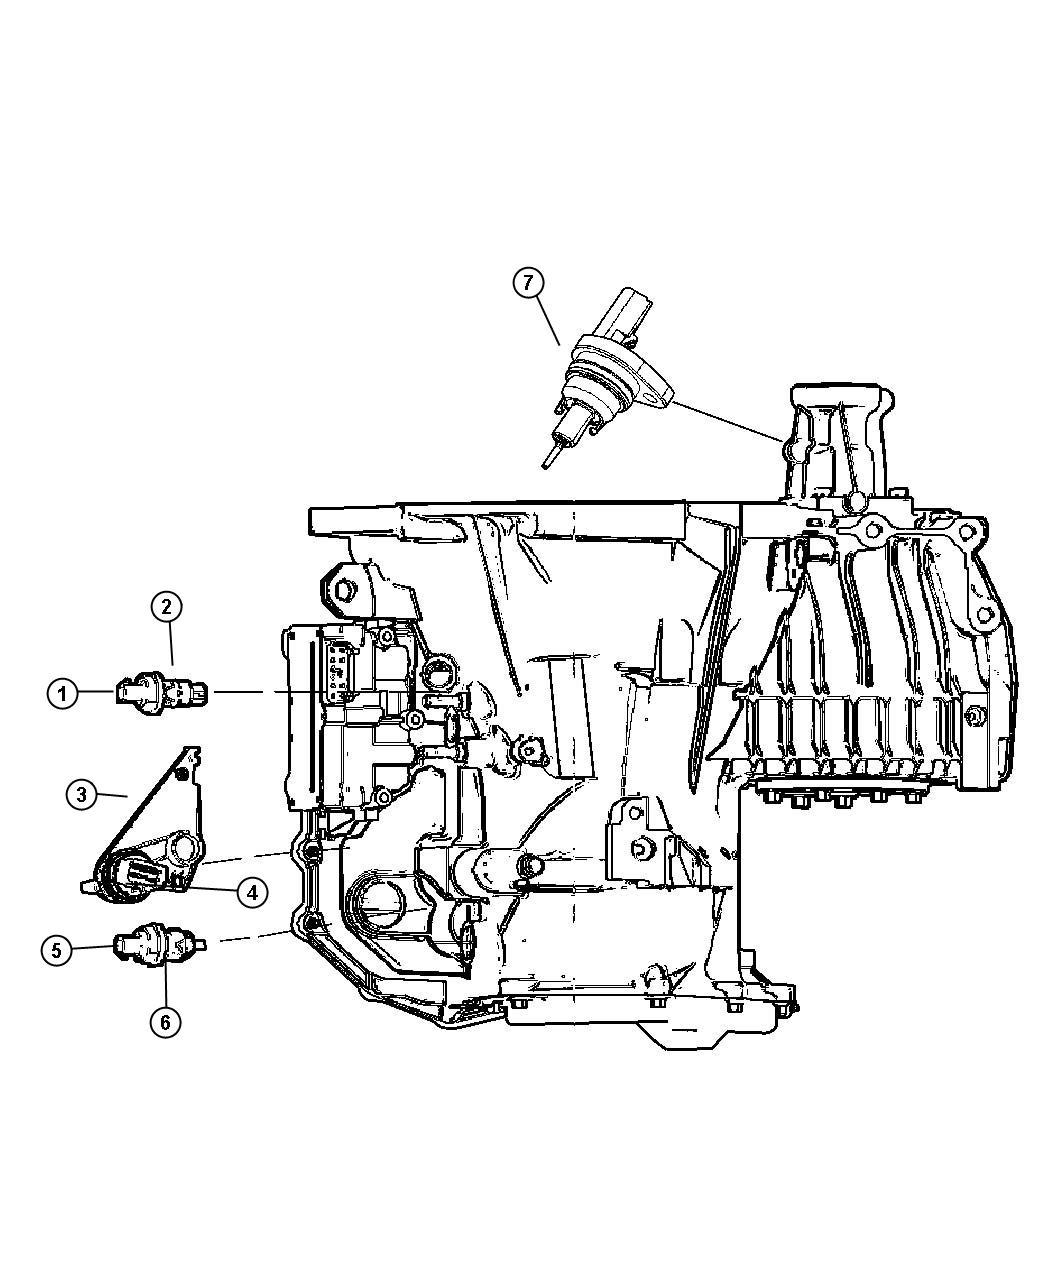 Chrysler Sebring Sensor. Vehicle speed. Transaxles